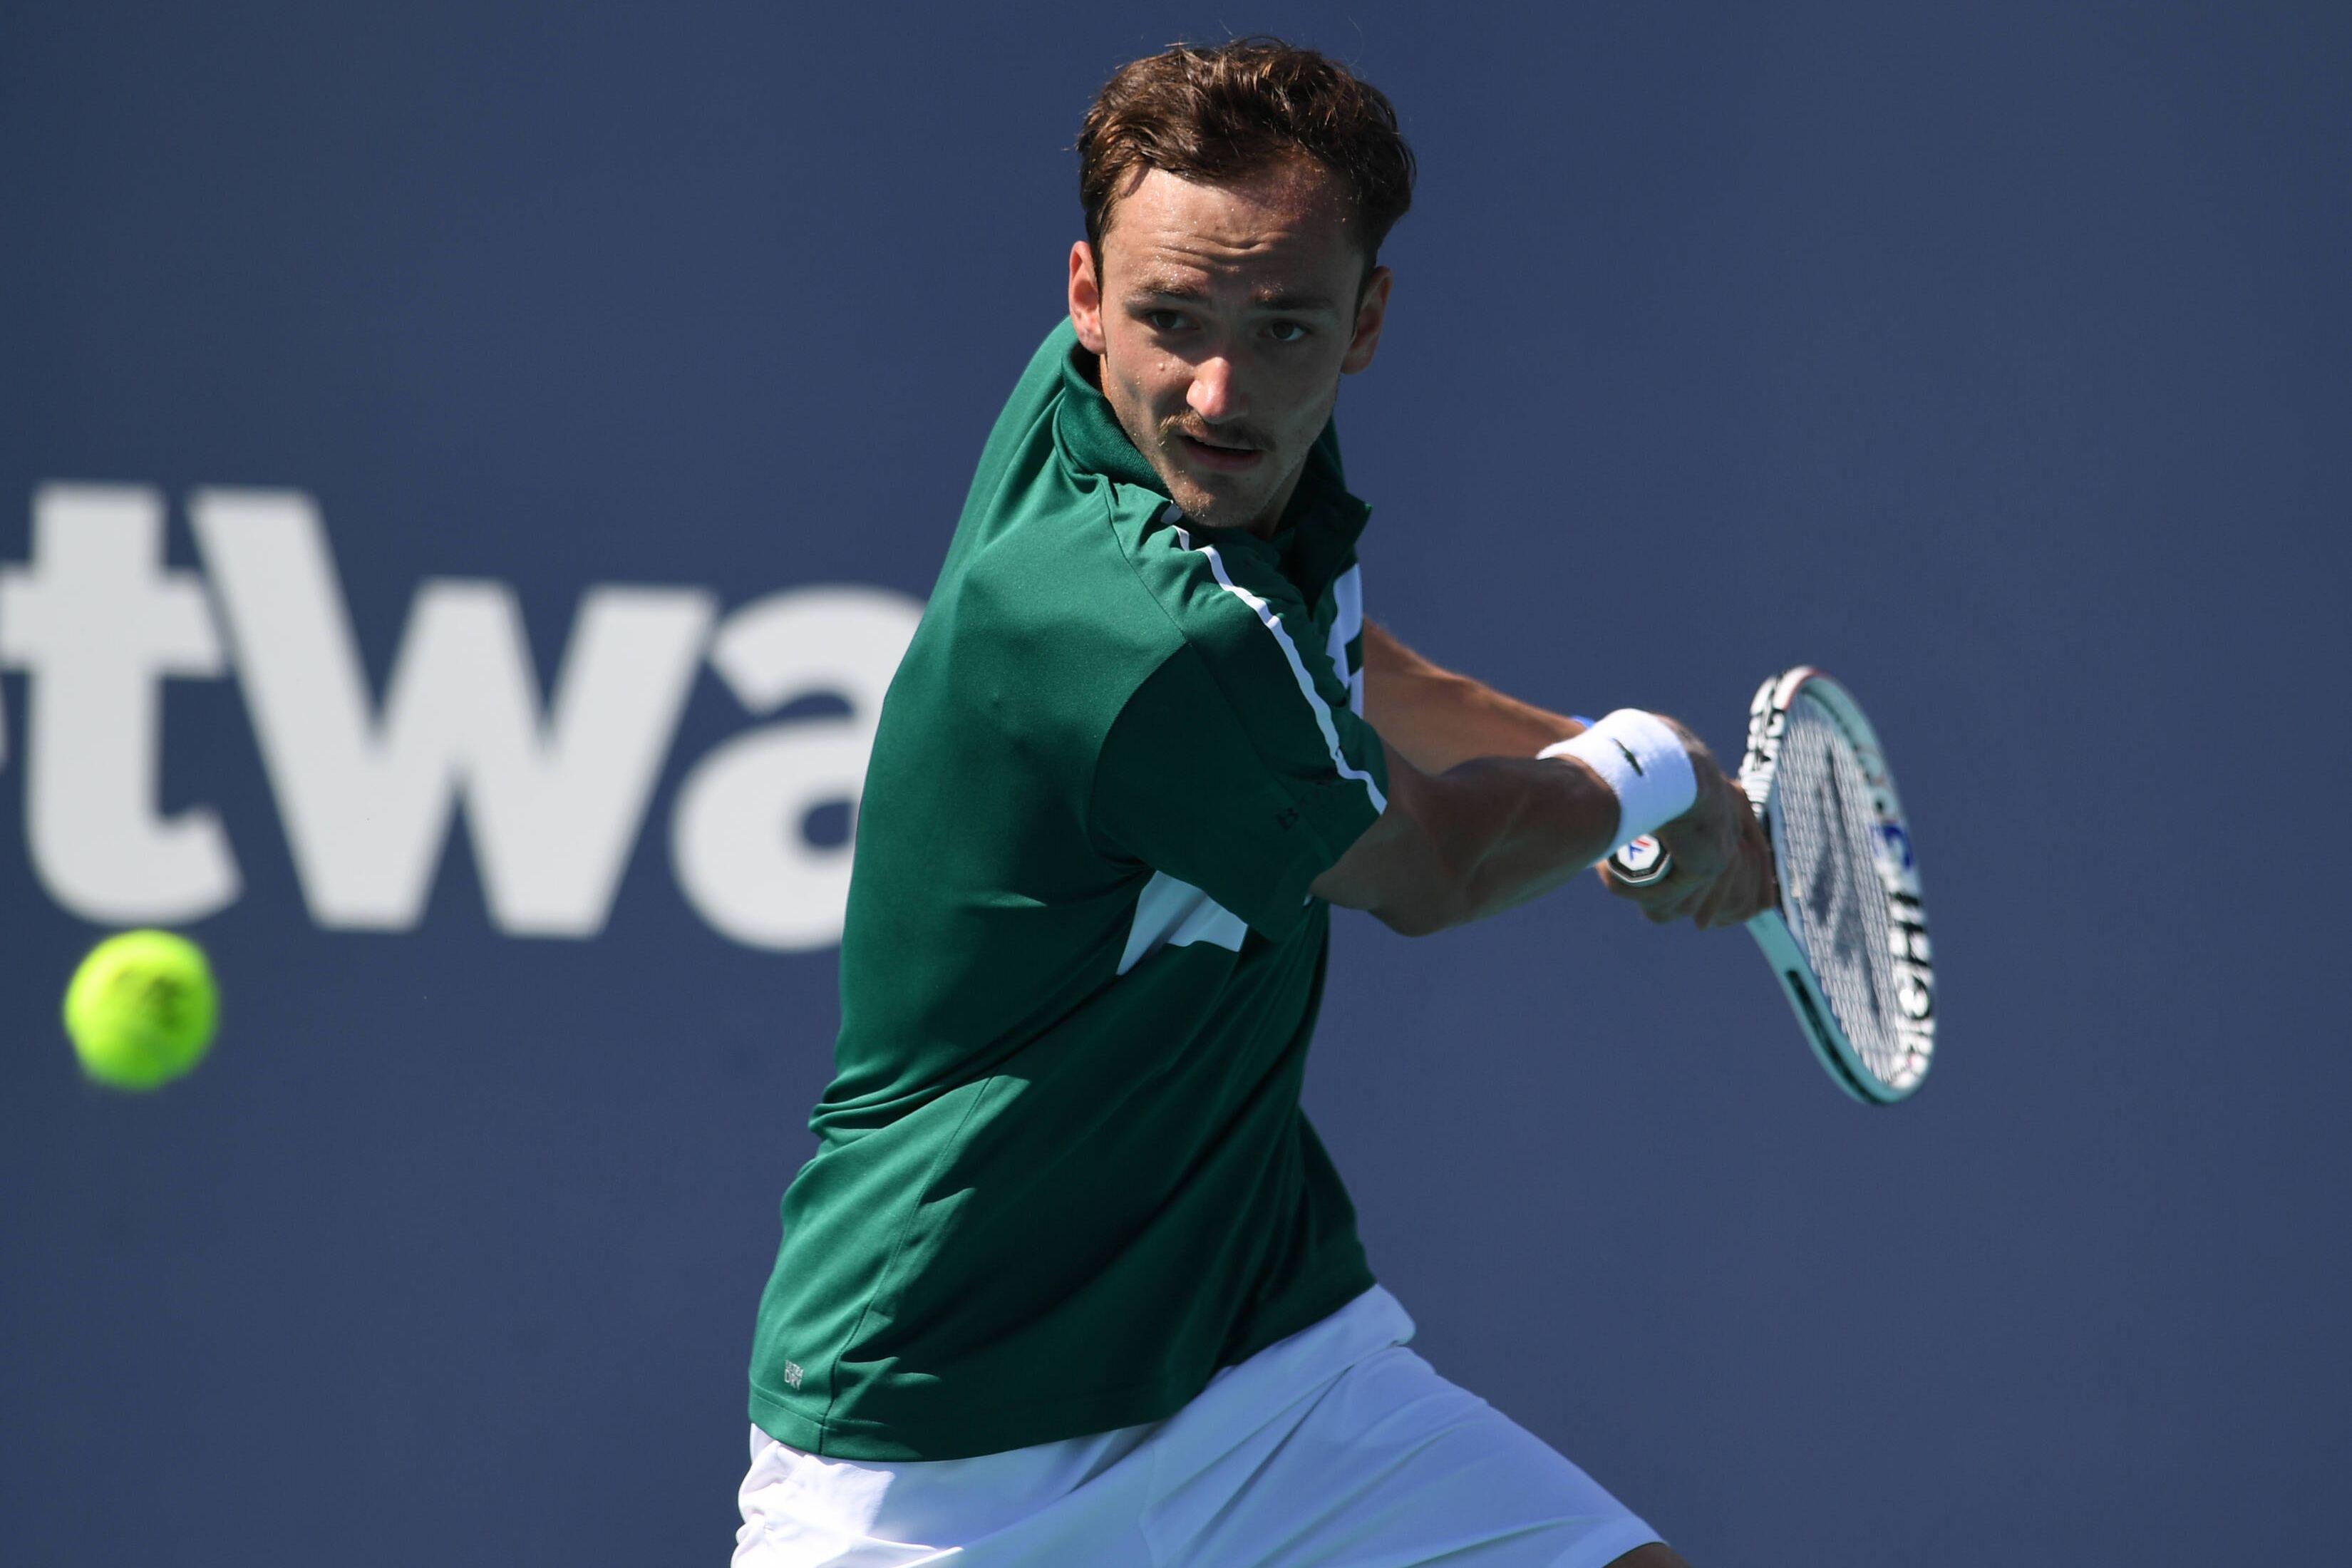 Медведев и Надаль провели совместную тренировку в Монте-Карло (ВИДЕО)